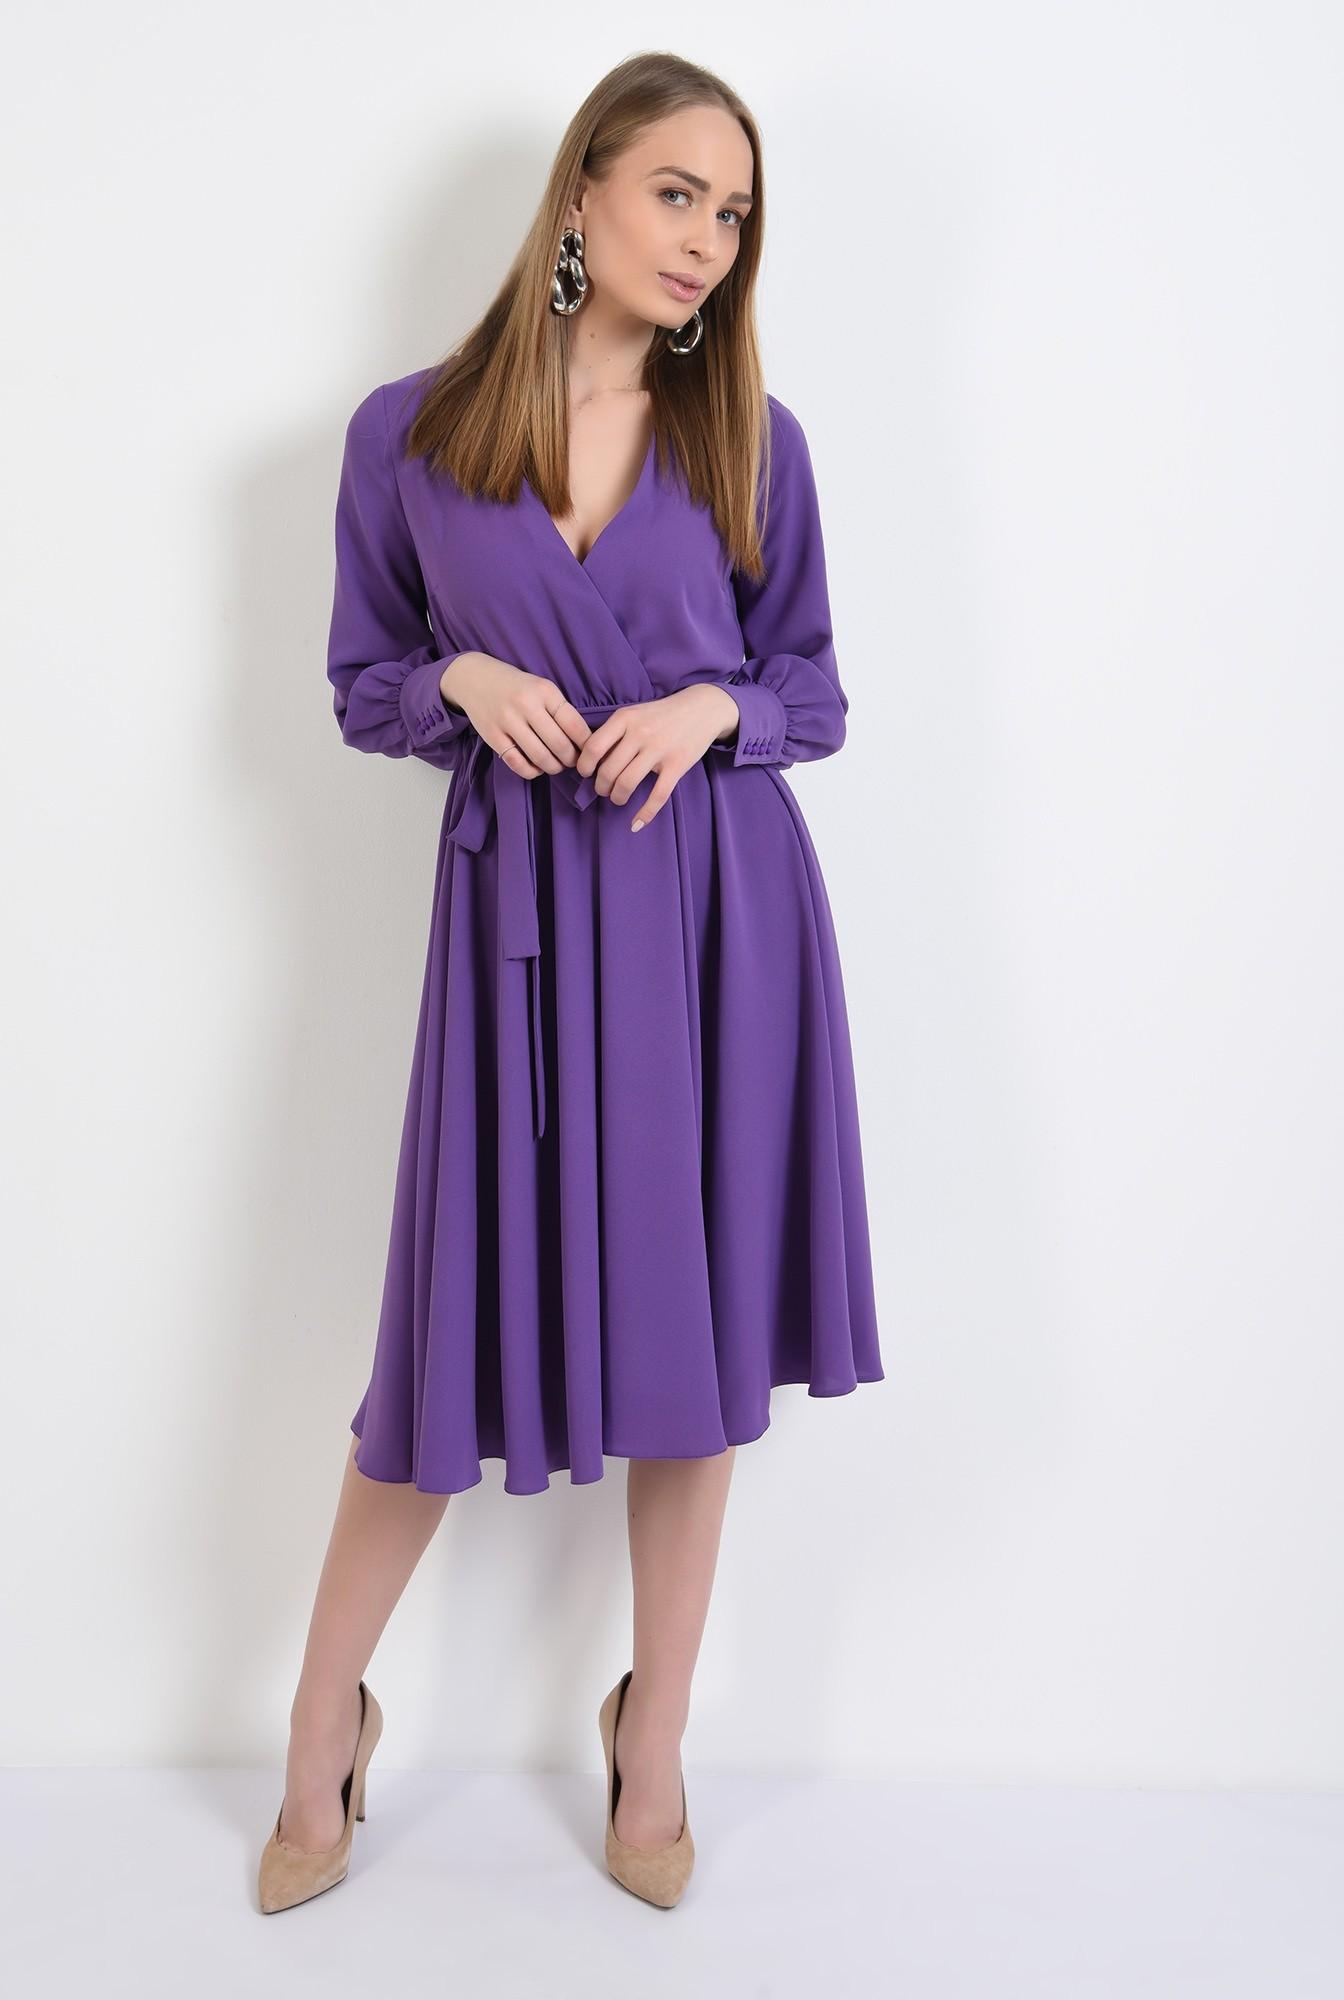 3 -  rochie casual, evazata, midi, cu cordon, anchior petrecut, maneci lungi